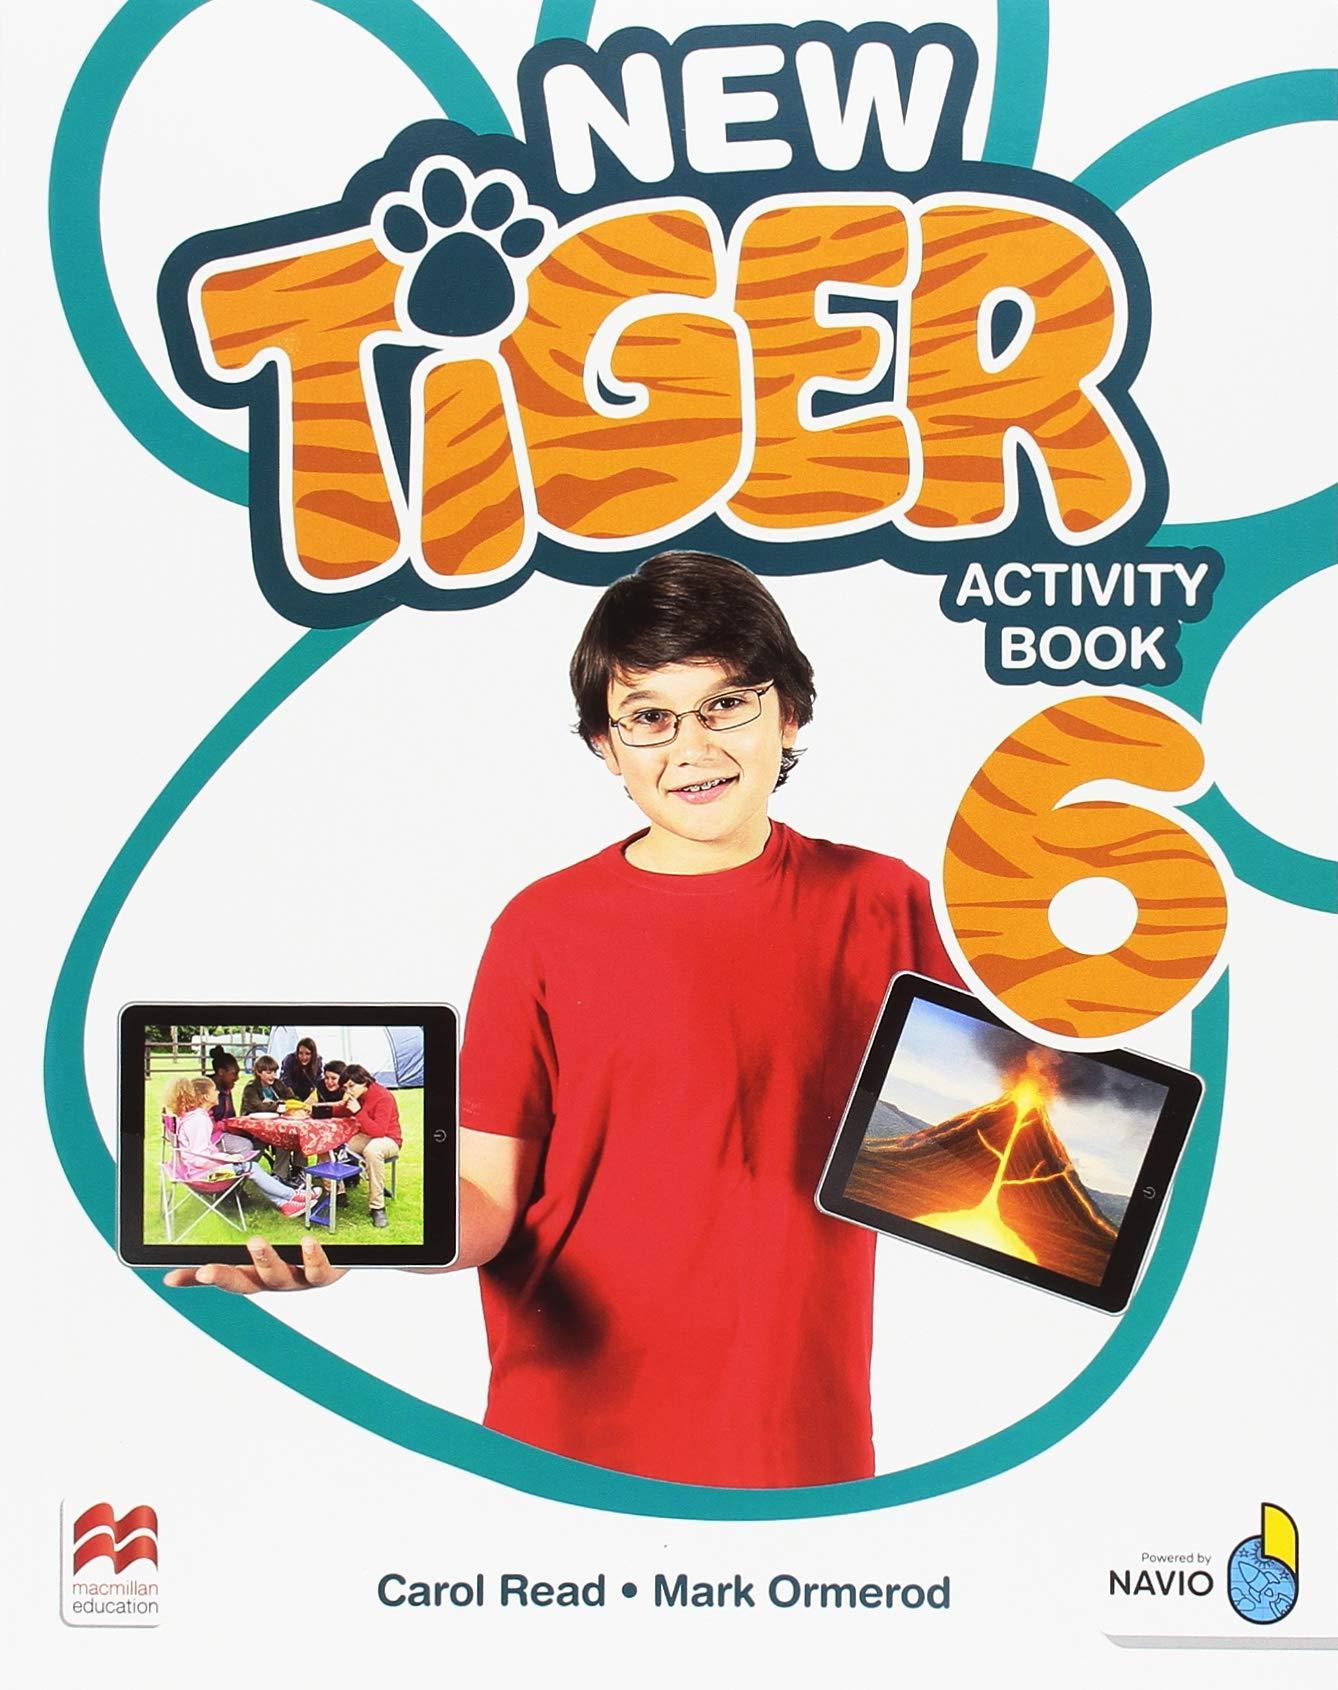 NEW TIGER 6 Ab Pk: Amazon.es: C. Read, M. Ormerod: Libros en ...